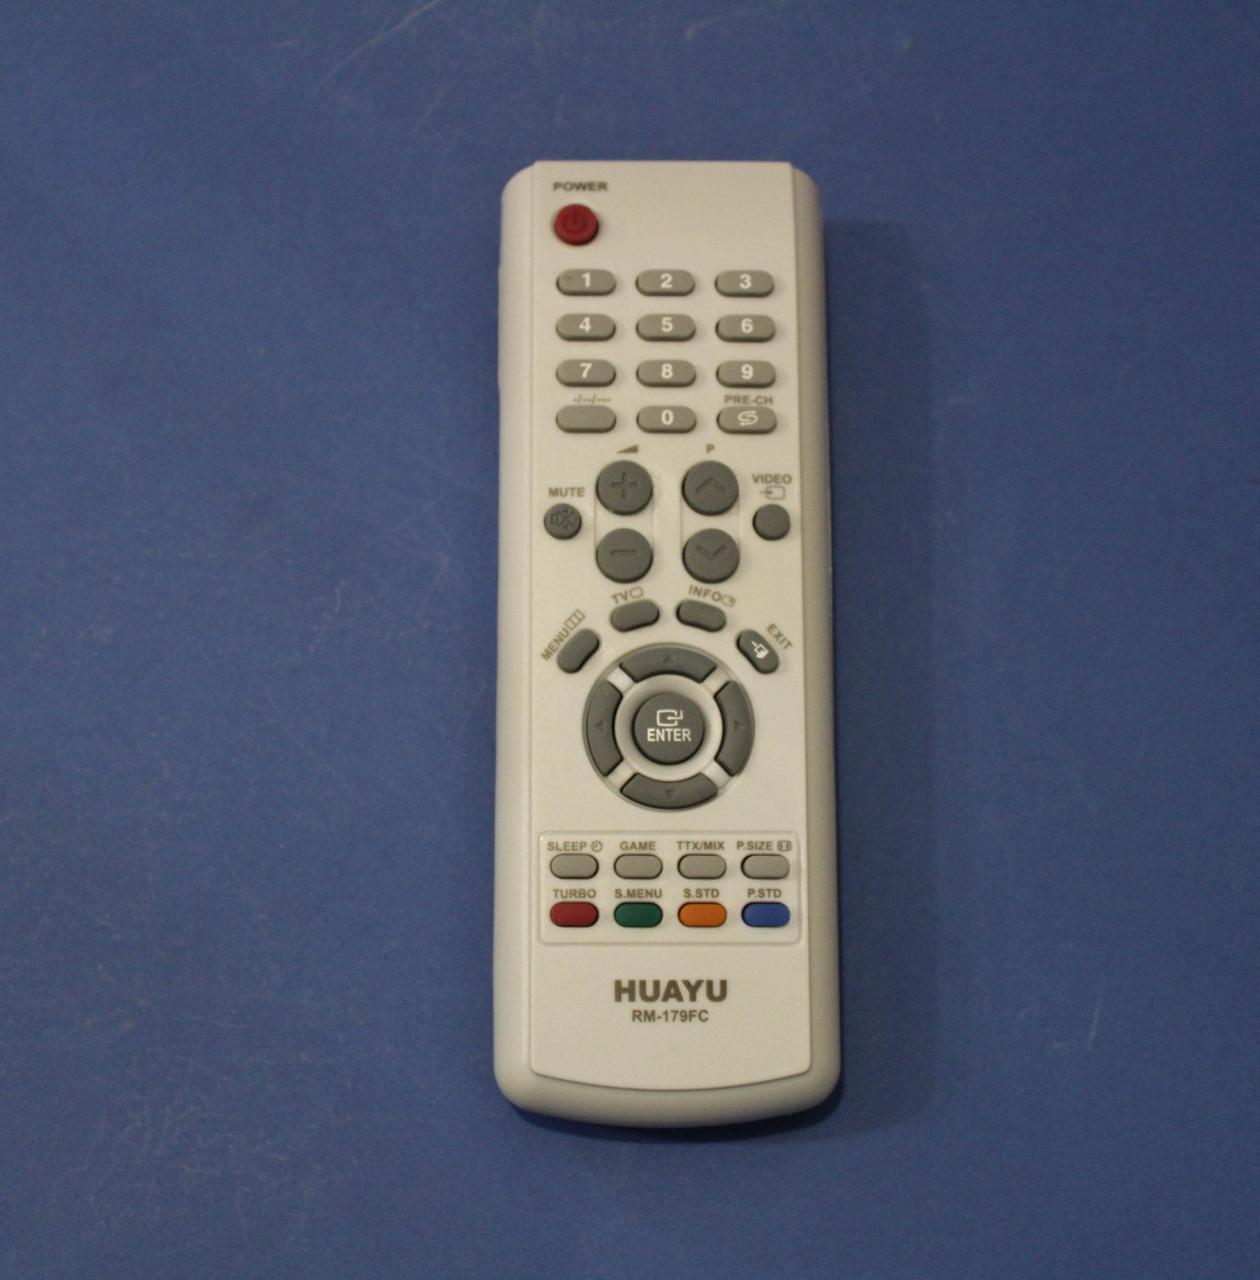 Пульт для телевизора Samsung  универсальный rm-179fc-1